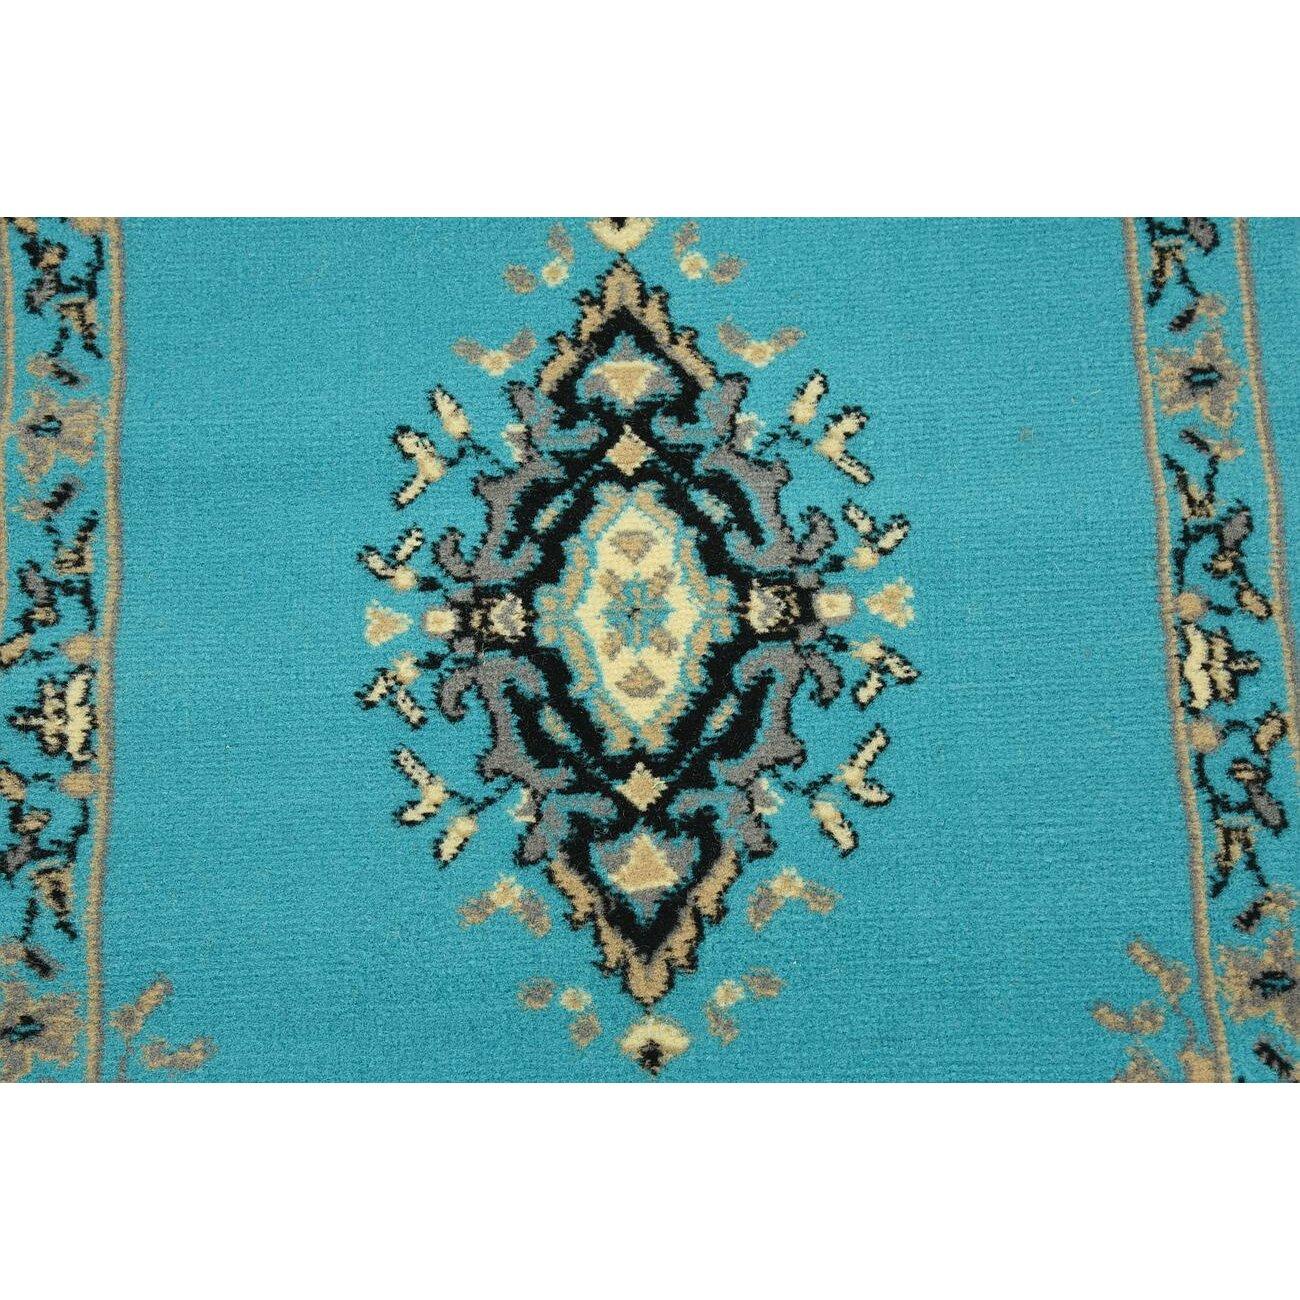 Saleya Turquoise Area Rug: Mashad Turquoise Area Rug